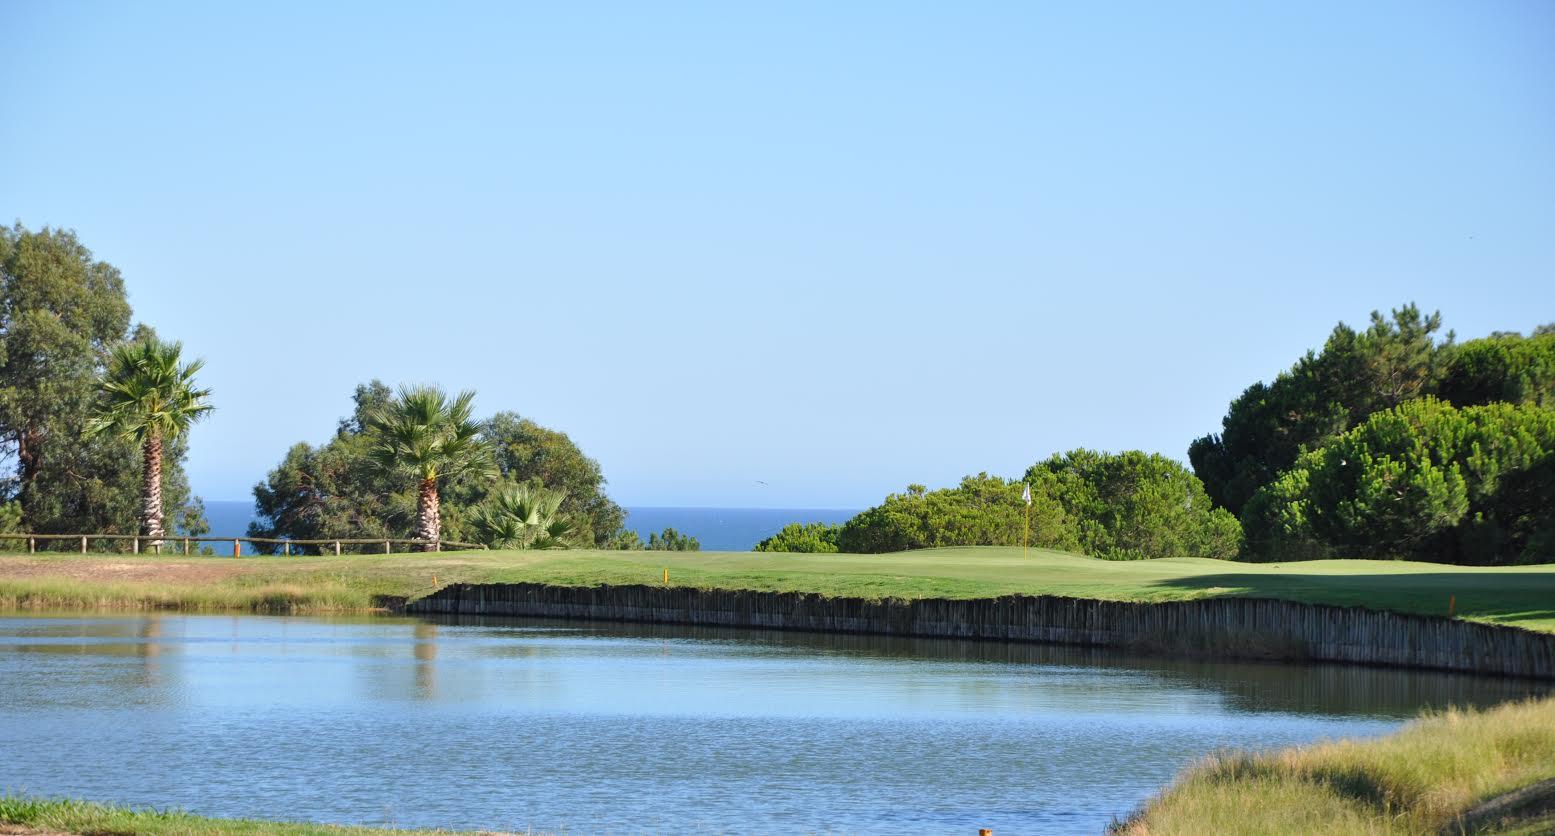 Arranca un verano cargado de torneos en el campo de golf de Islantilla